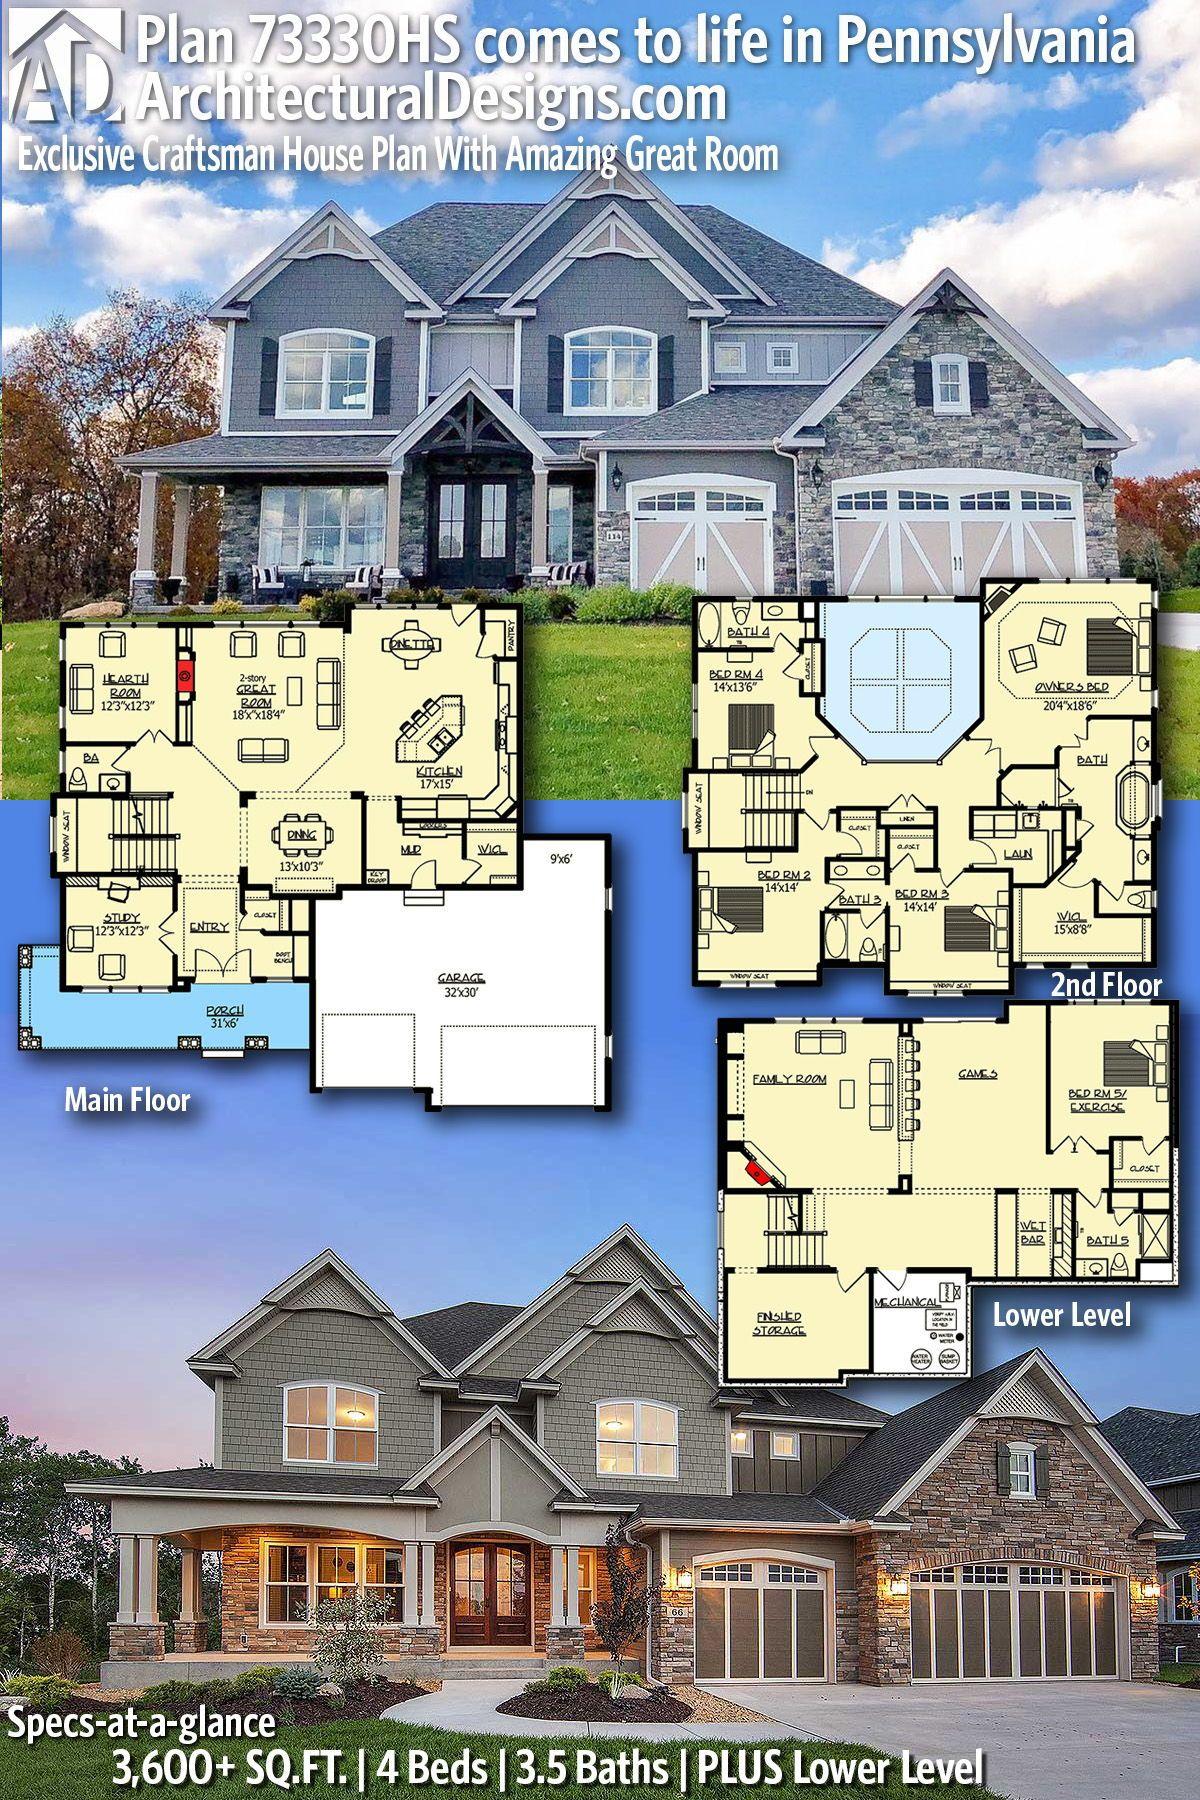 Architectural Designs Exclusive House Plan 73330HS client built